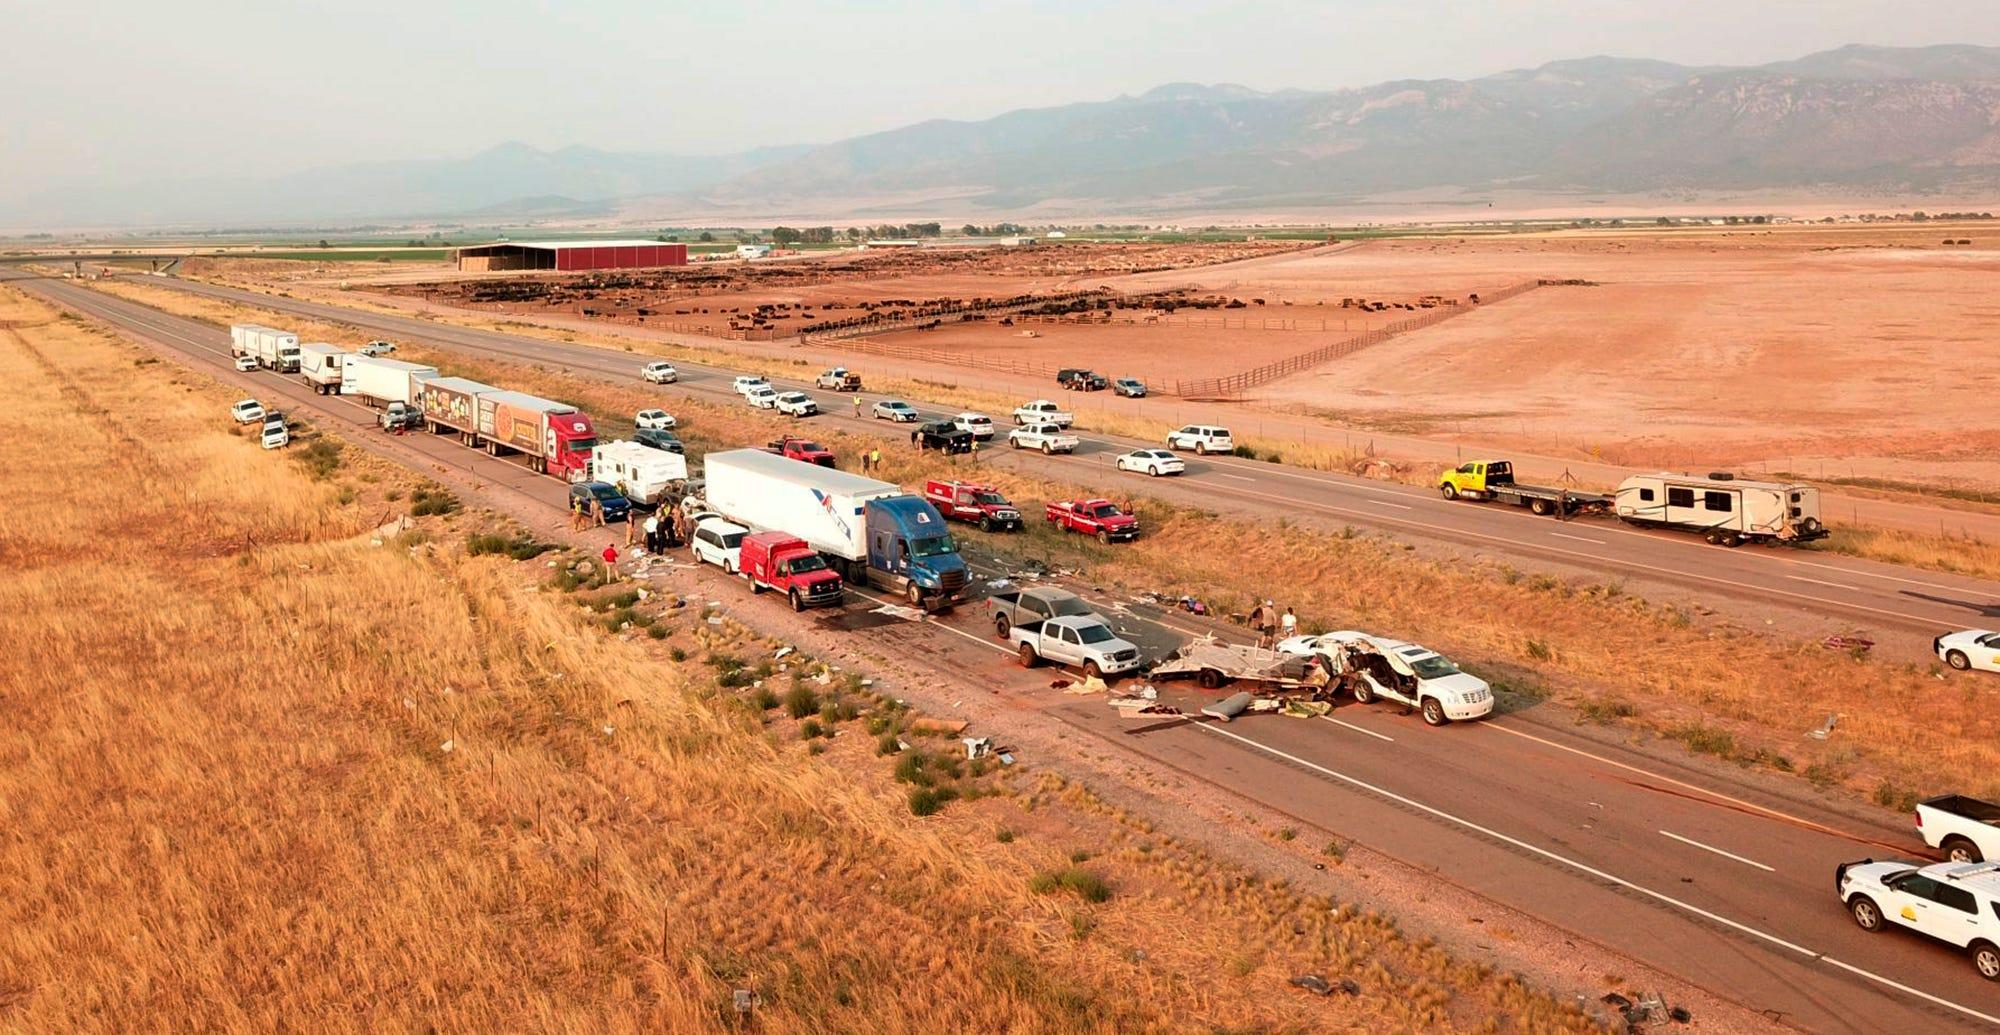 At least 7 killed in 20-car pileup in Utah during sandstorm 2